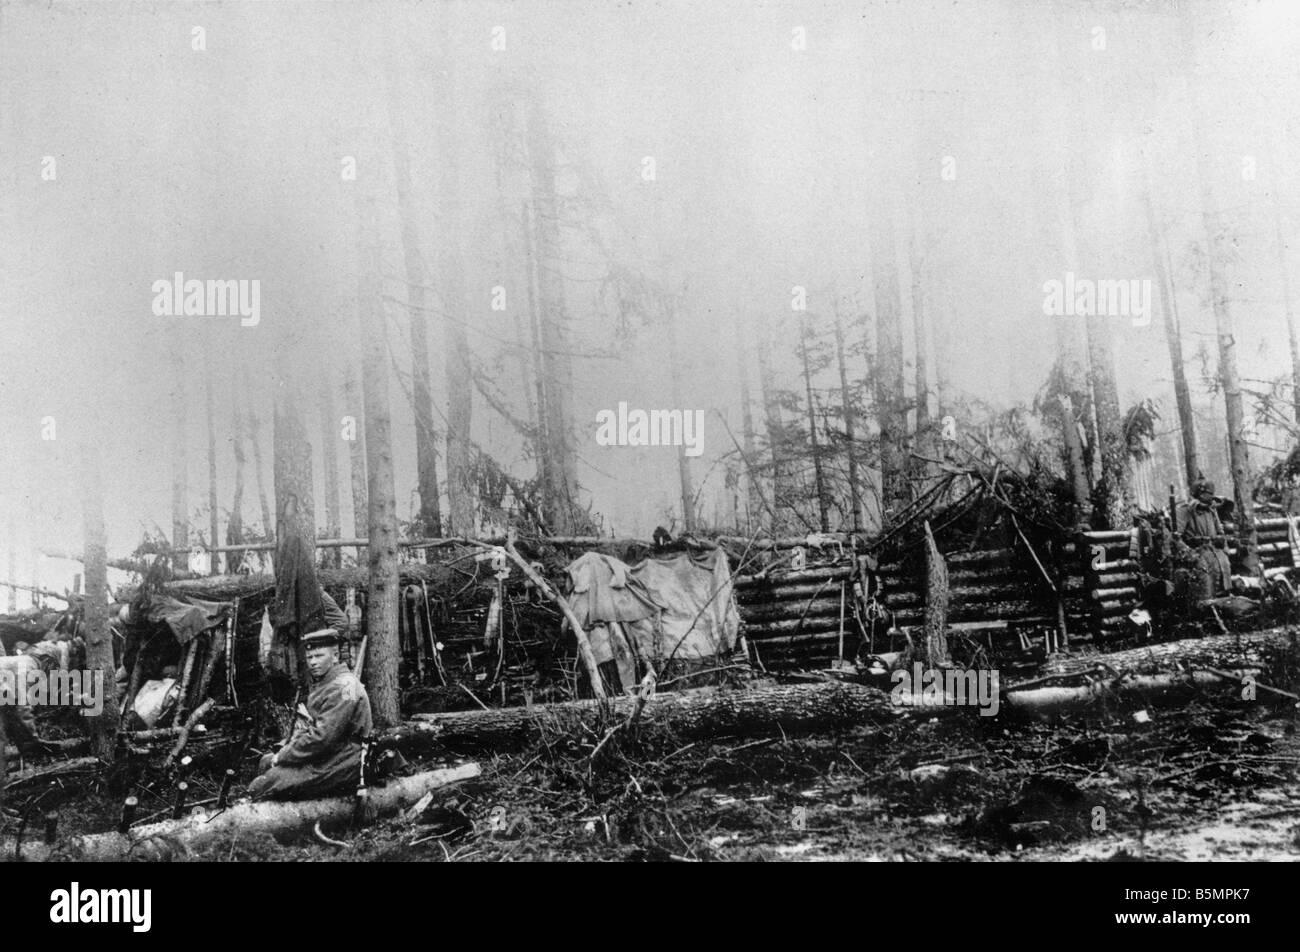 9 1916 318 A1 13 E Bataille de Postawy Ger 1916 1 Guerre mondiale position Front de l'est la défaite des troupes russes après une offen sive o Banque D'Images